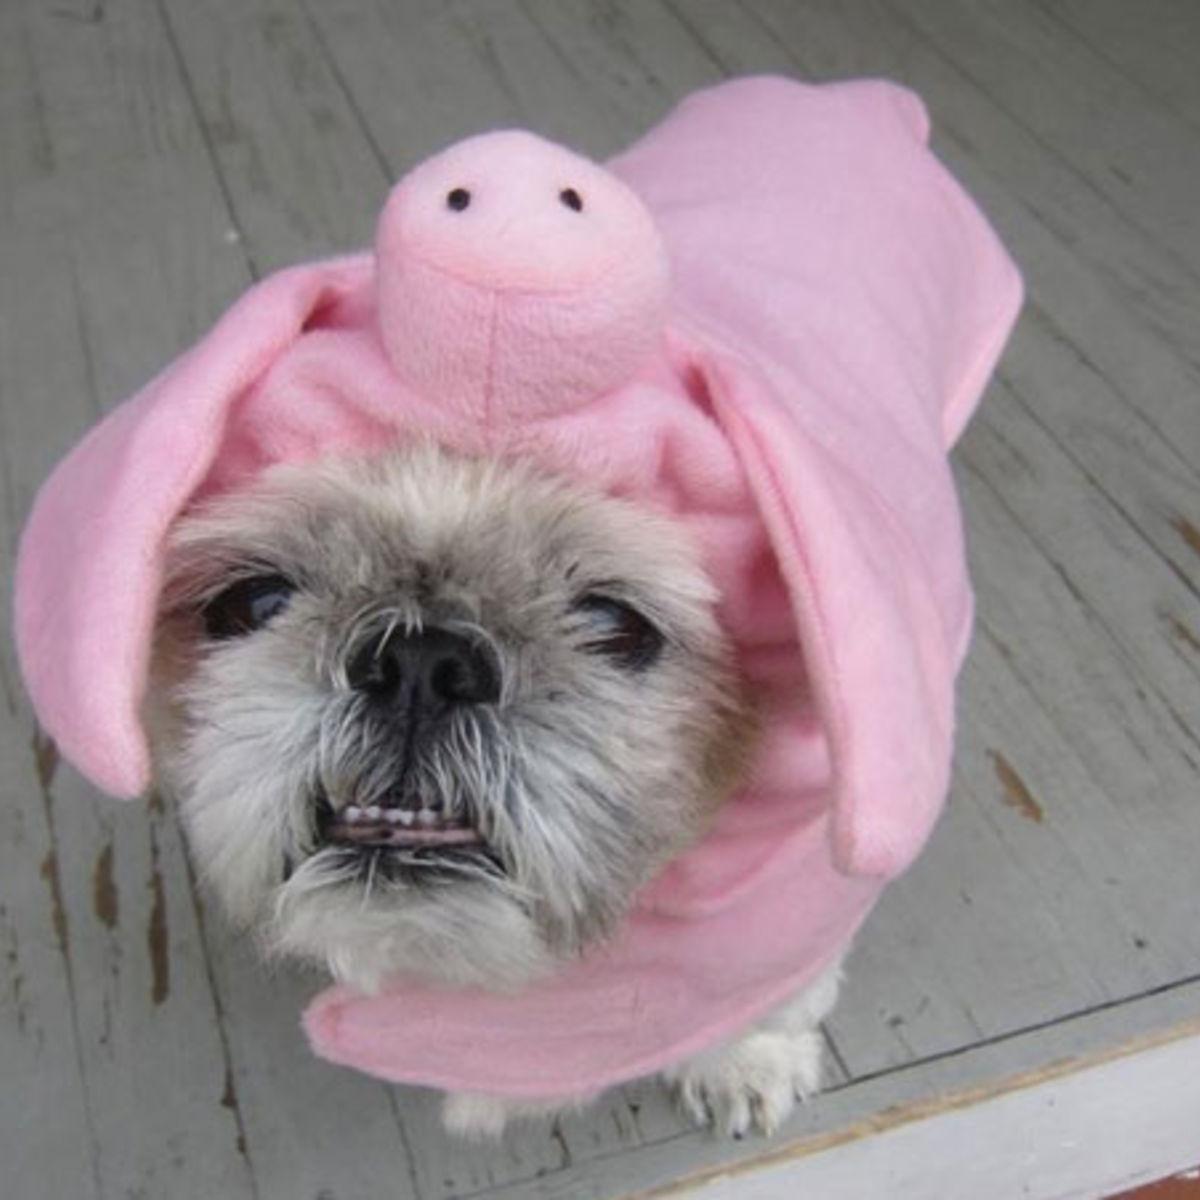 PigDog030512.jpg